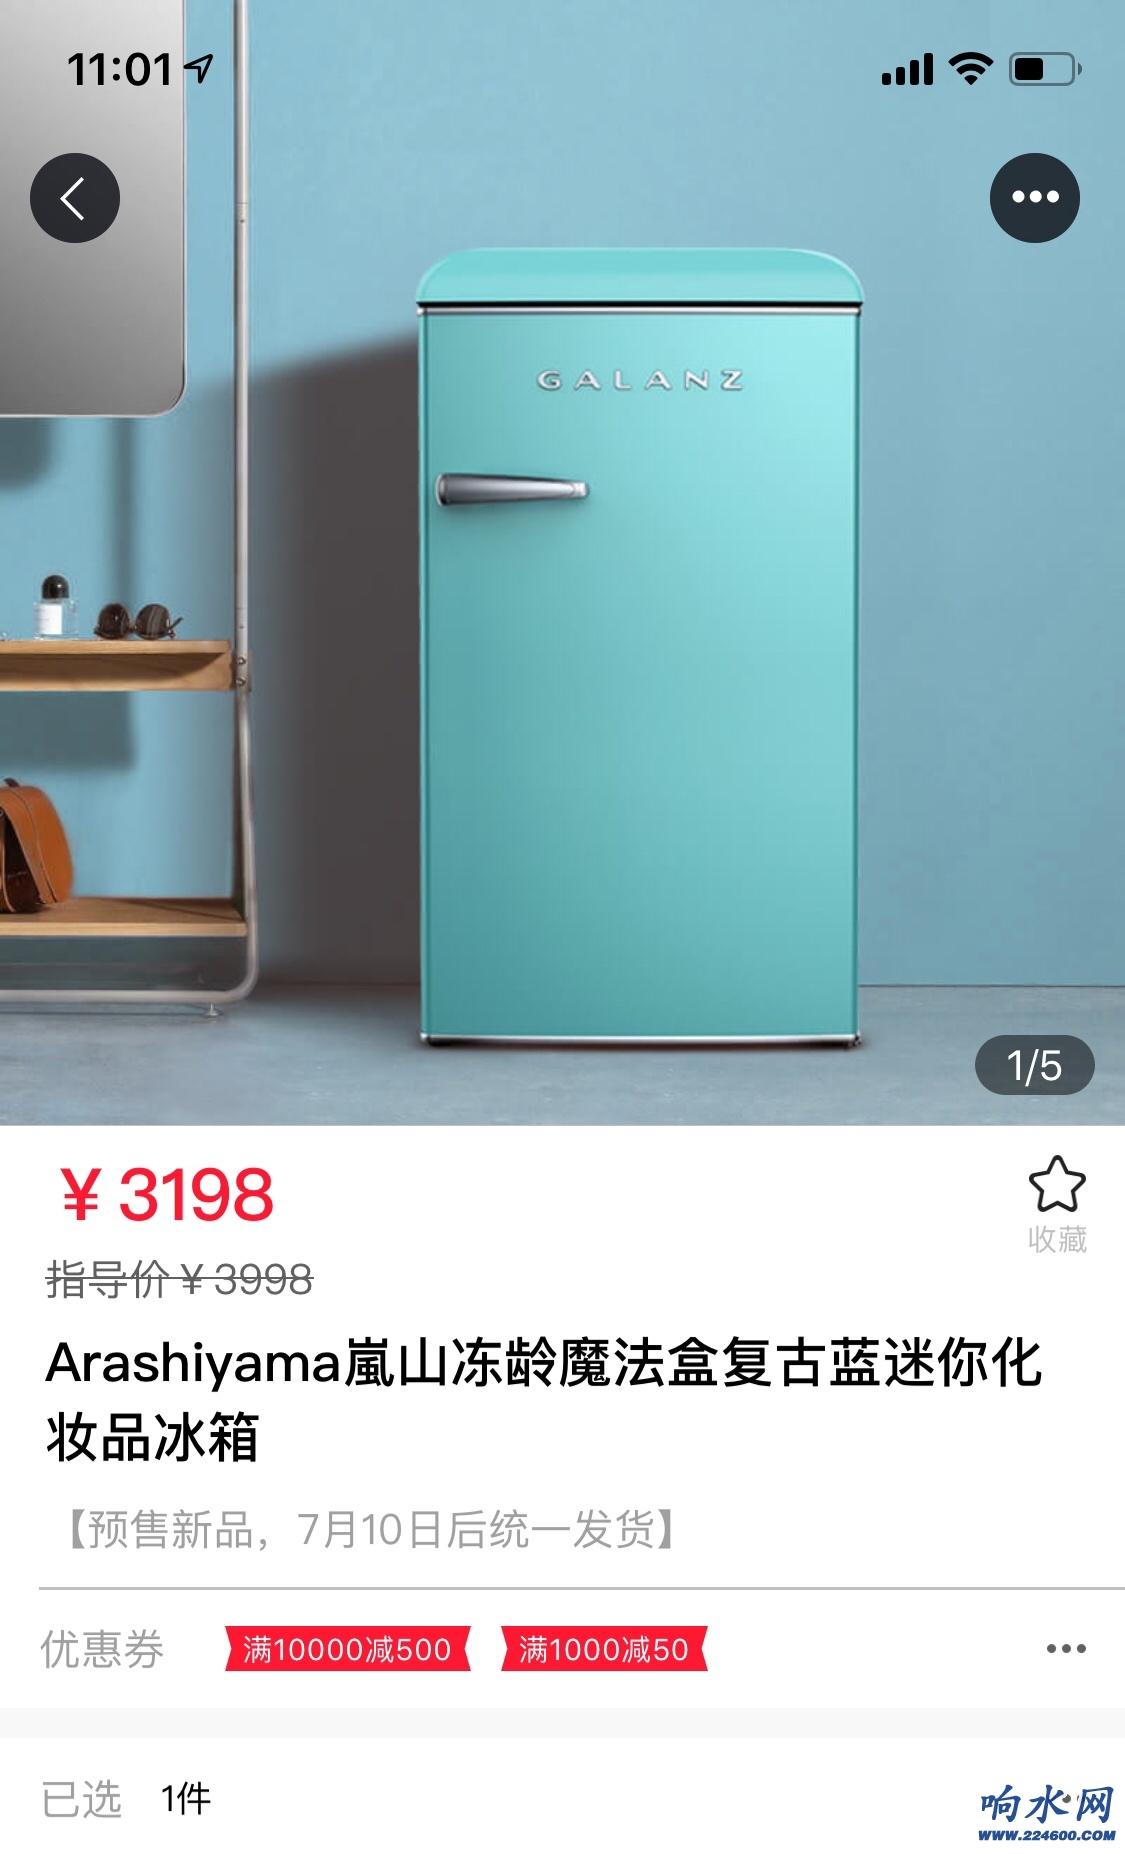 全新化妆品冰箱知名品牌